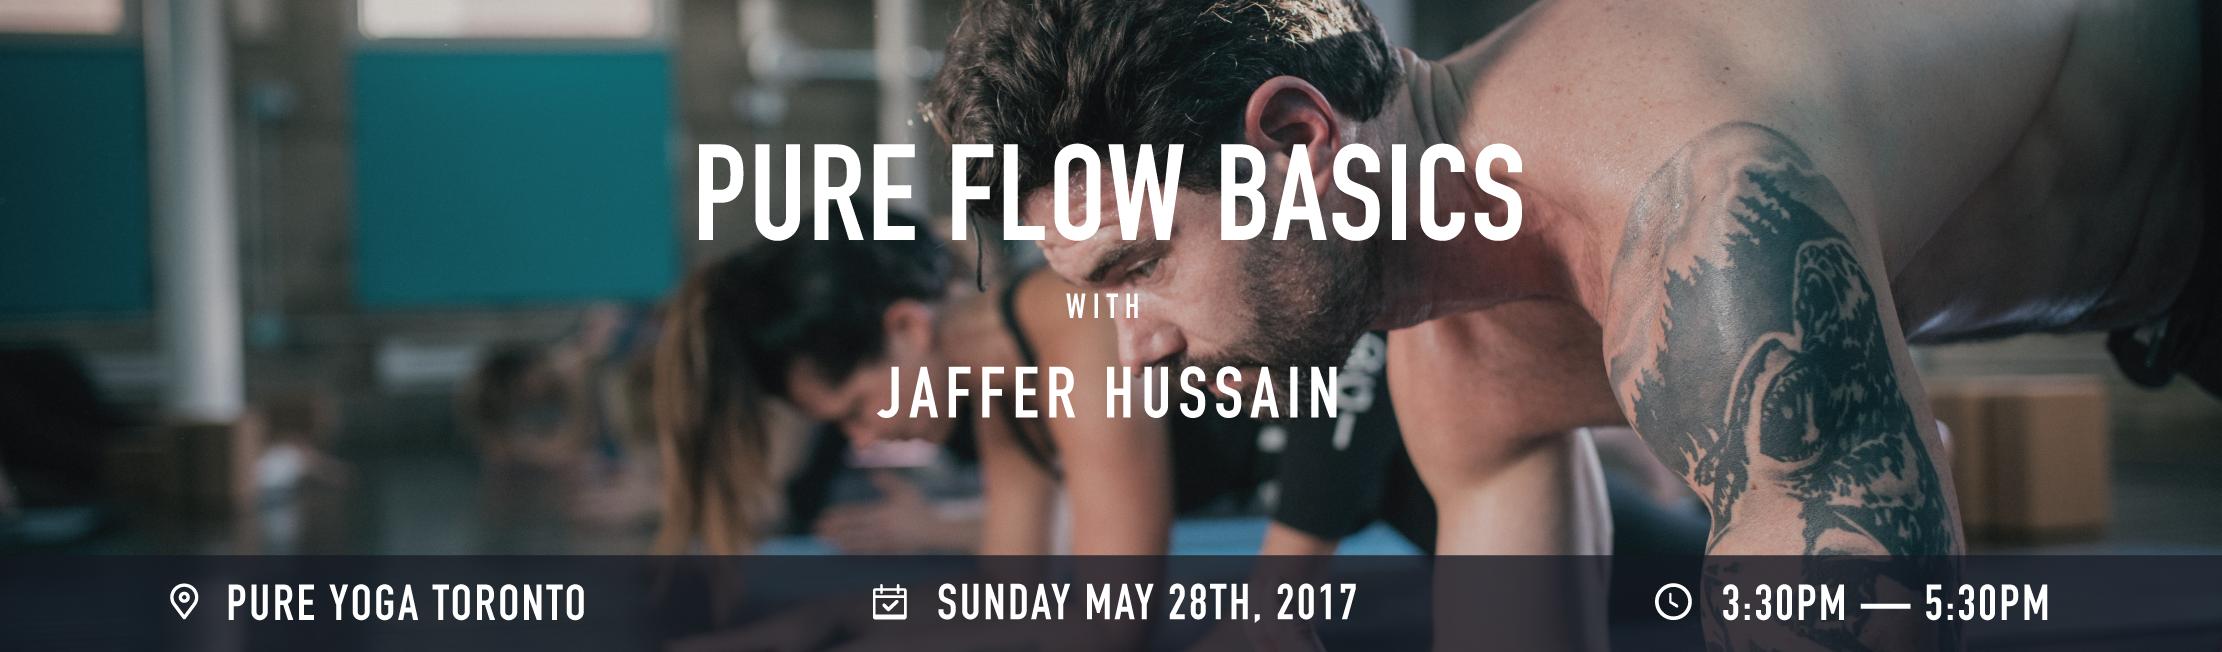 Flow basics banner